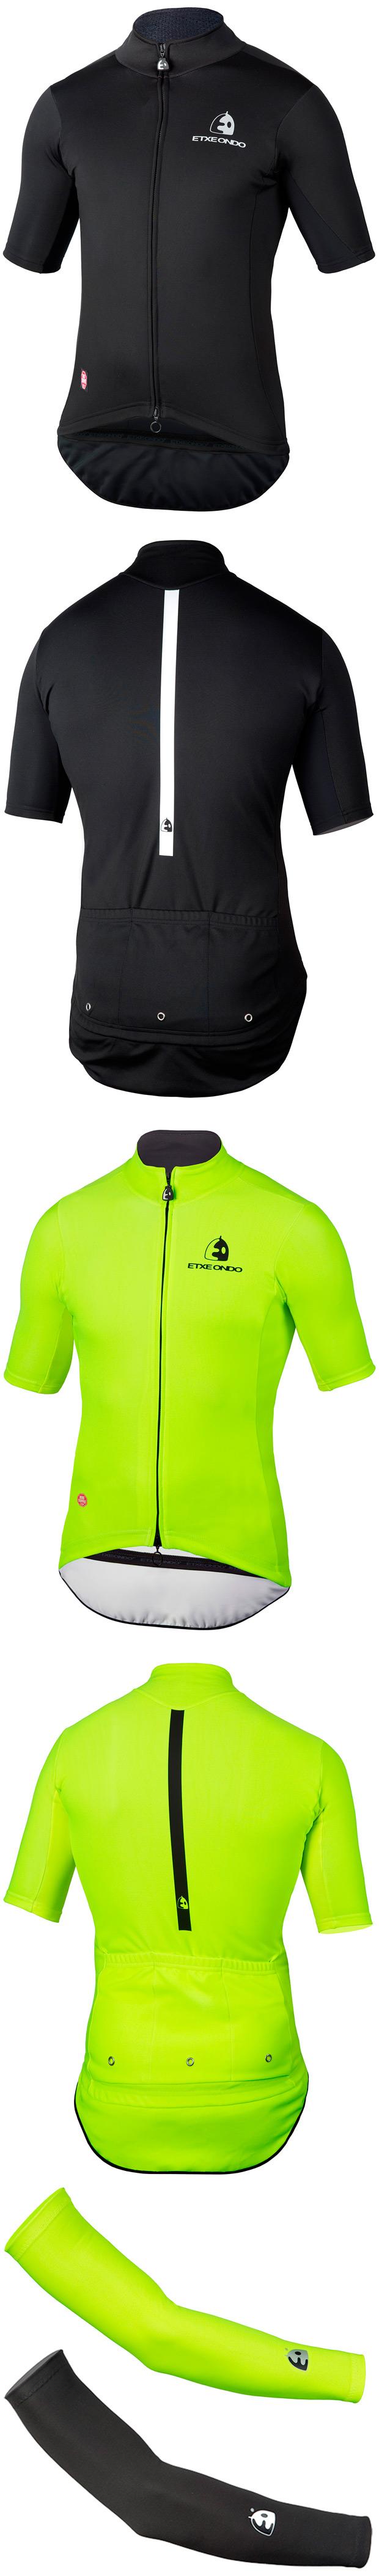 Etxeondo WS Team Edition: Nuevo conjunto de alto rendimiento de maillot y manguitos